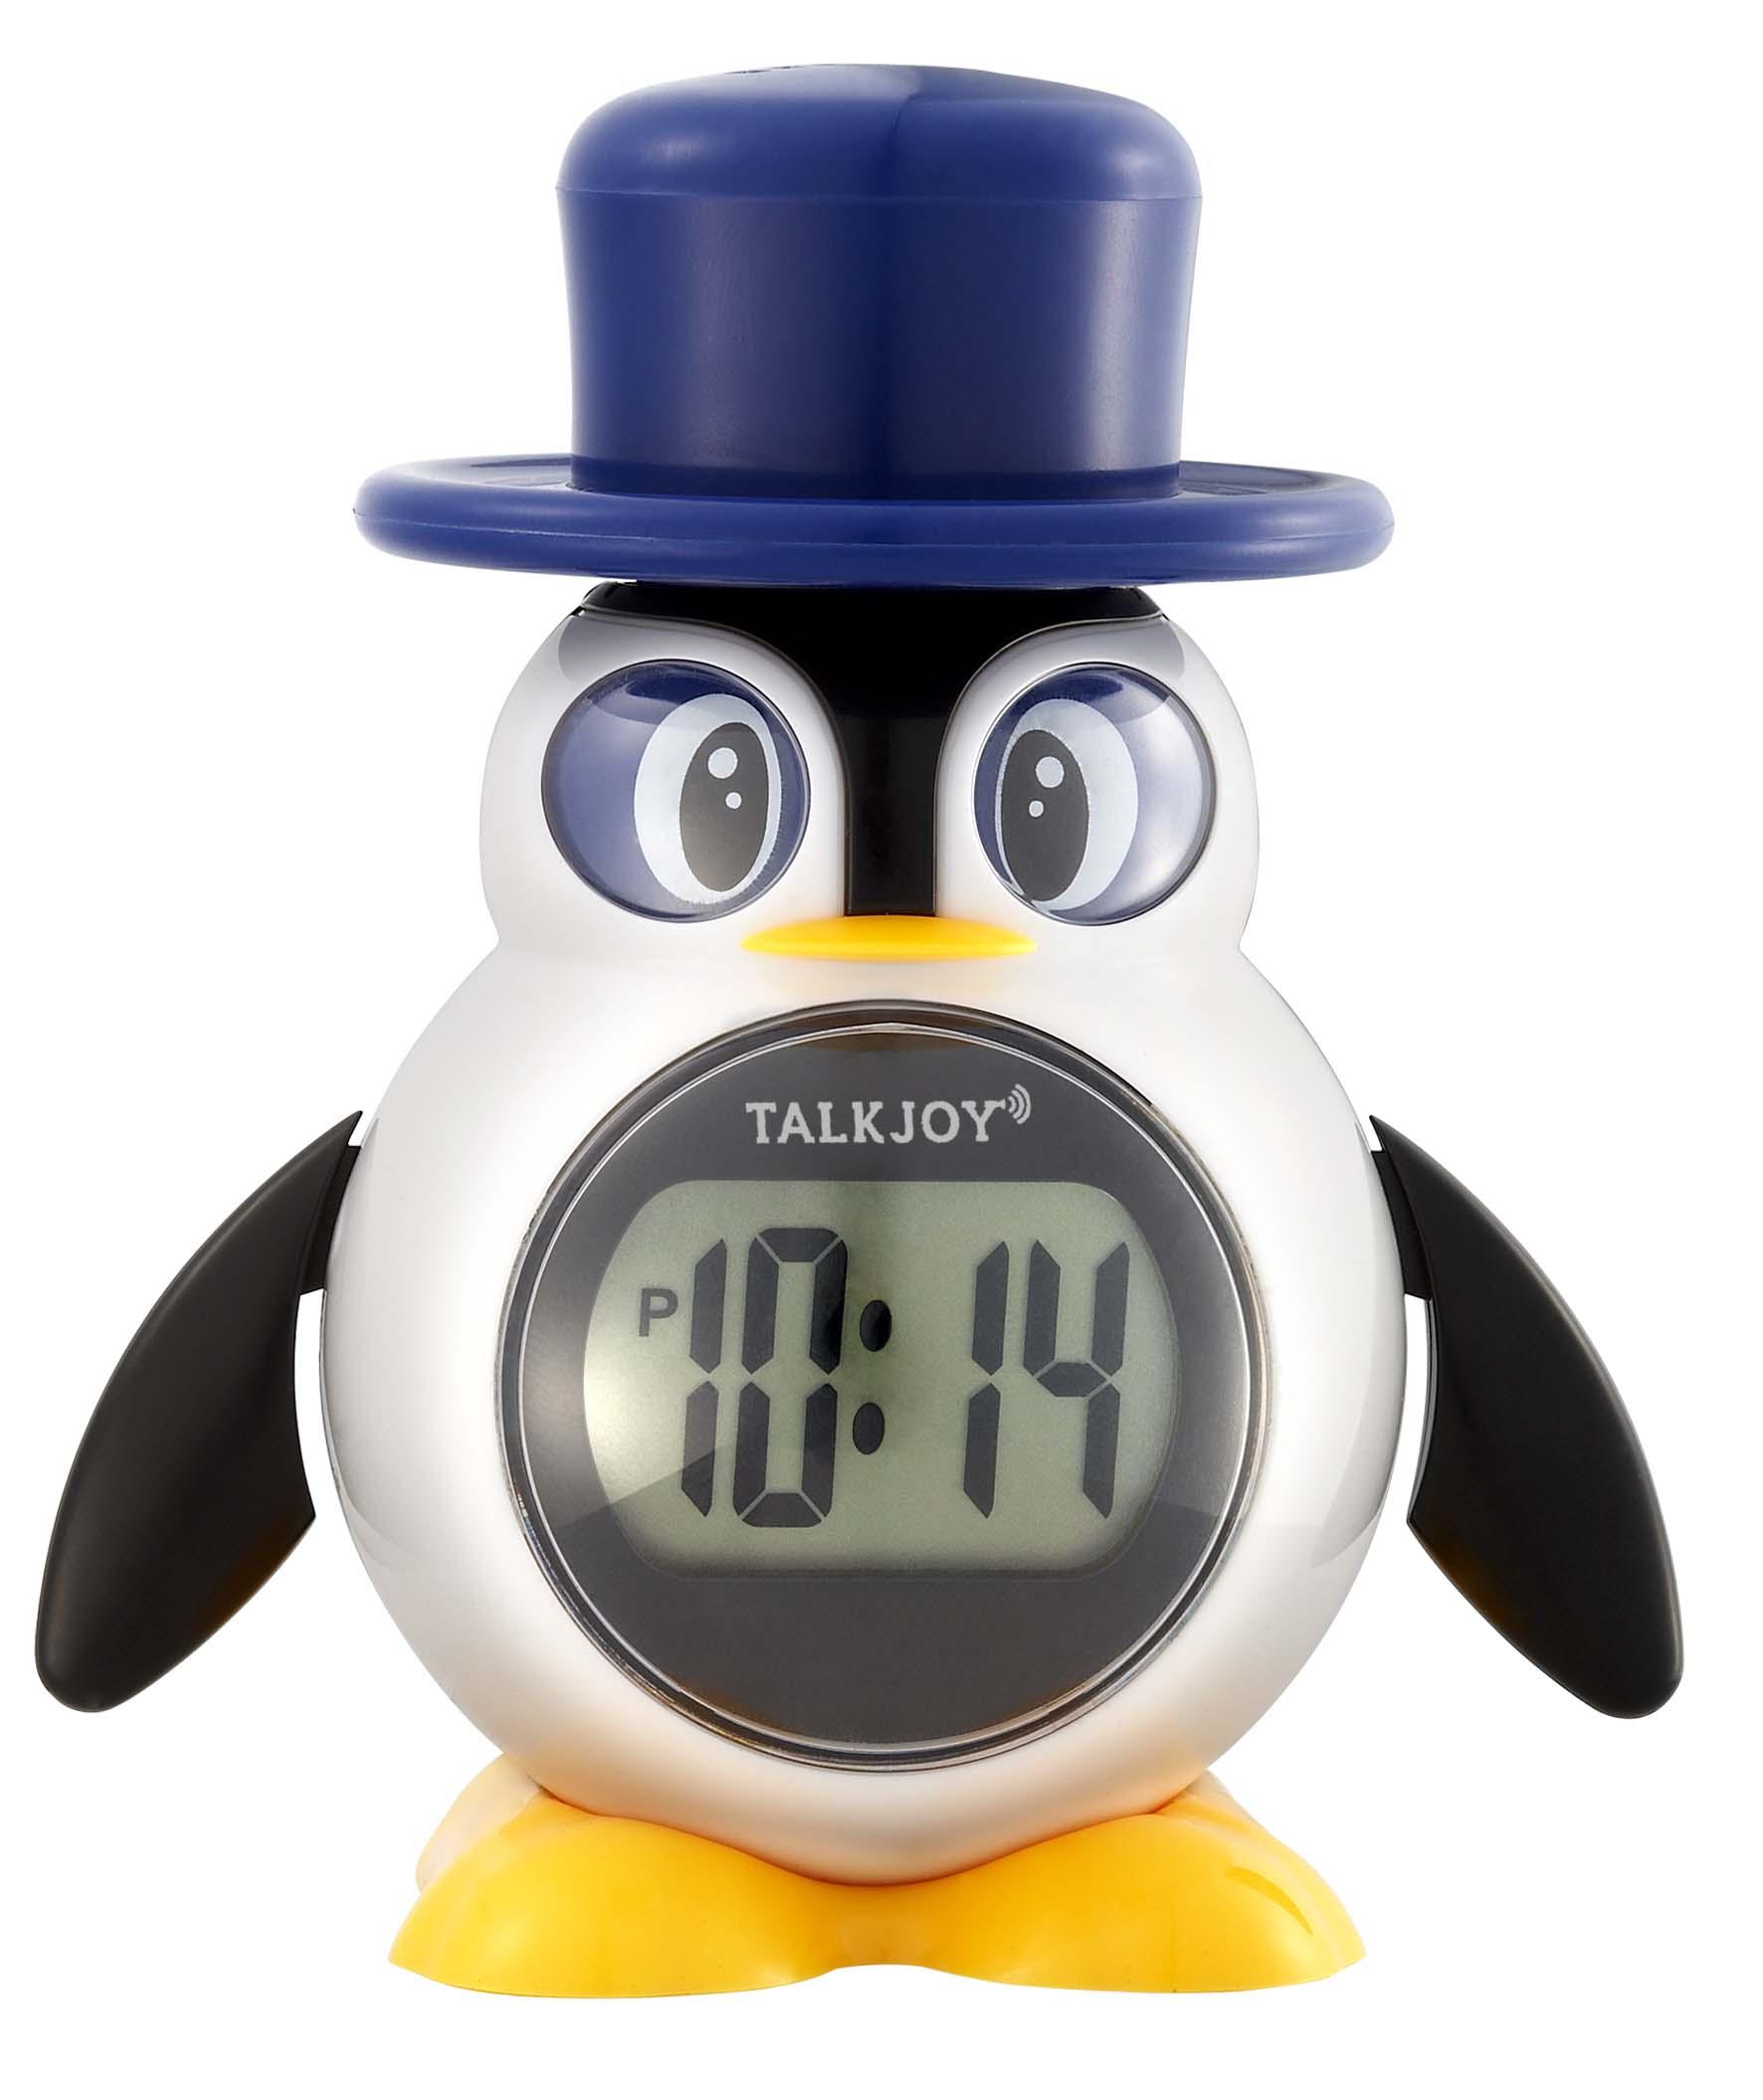 Sprechende Kinderuhr Uhr Zeitansage Sprachfunktion Pinguin Wecker Kinderwecker